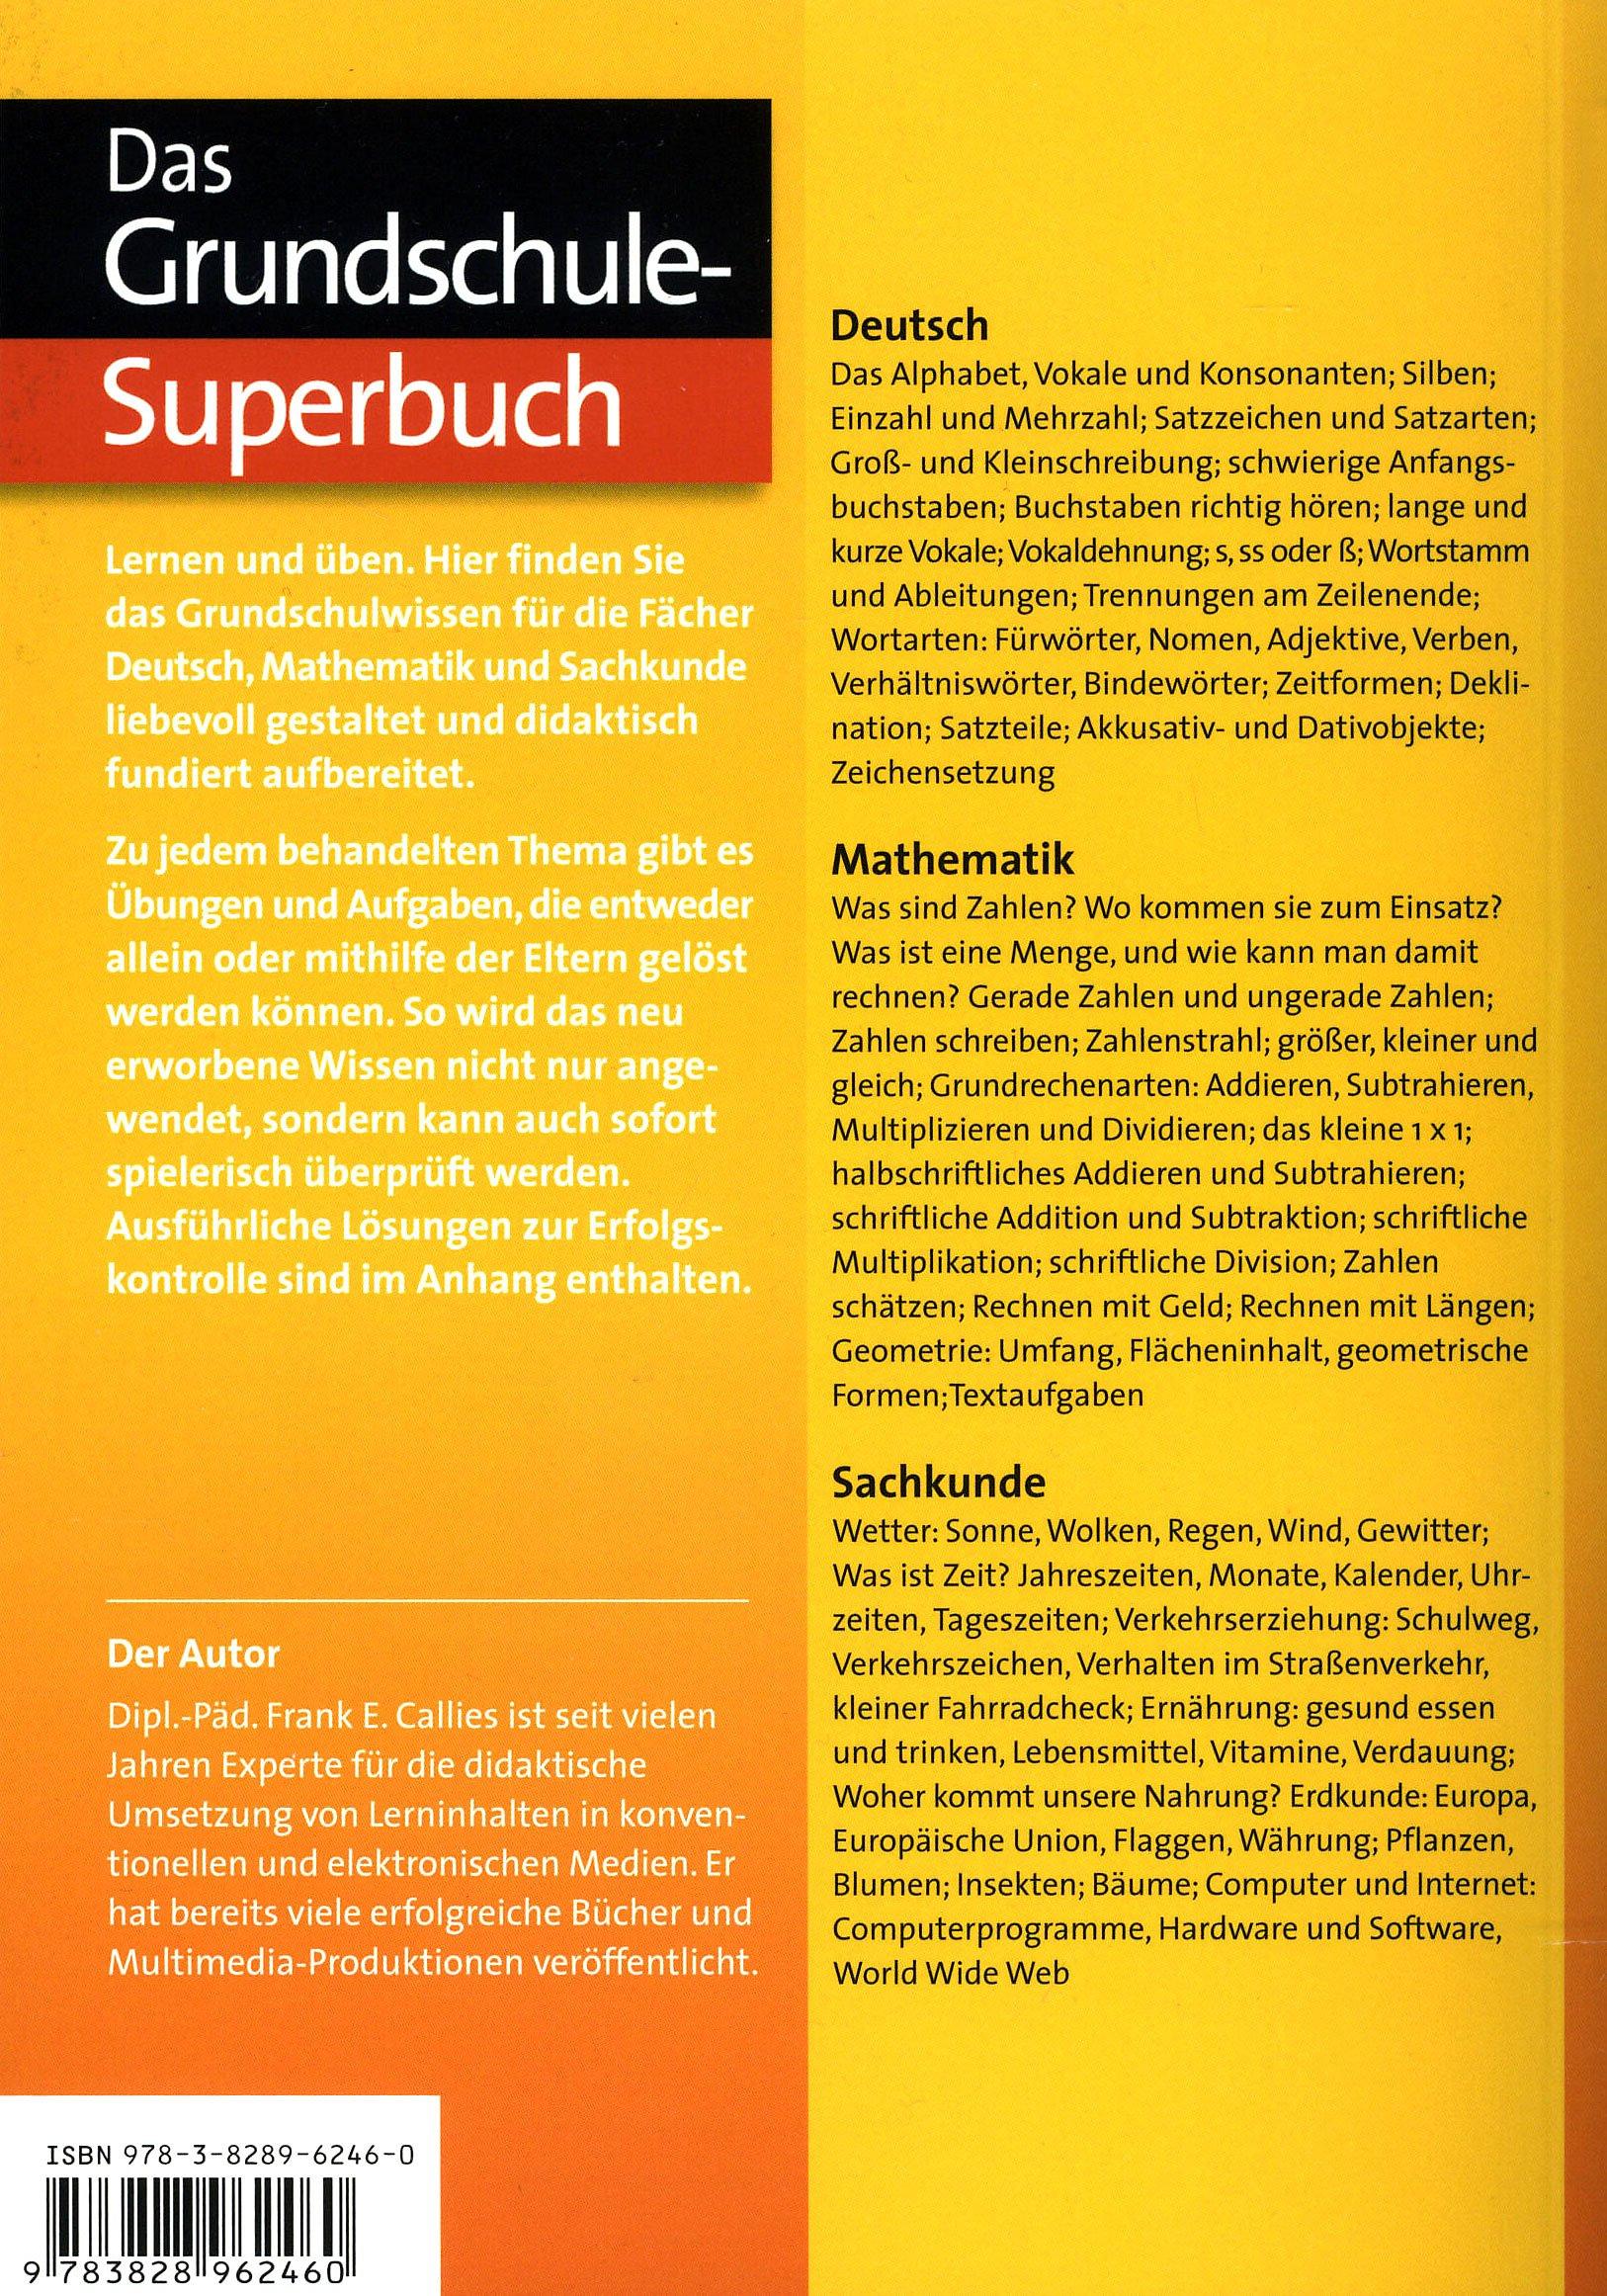 Das Grundschul Superbuch 1 4 Klasse Weltbild Ausgabe